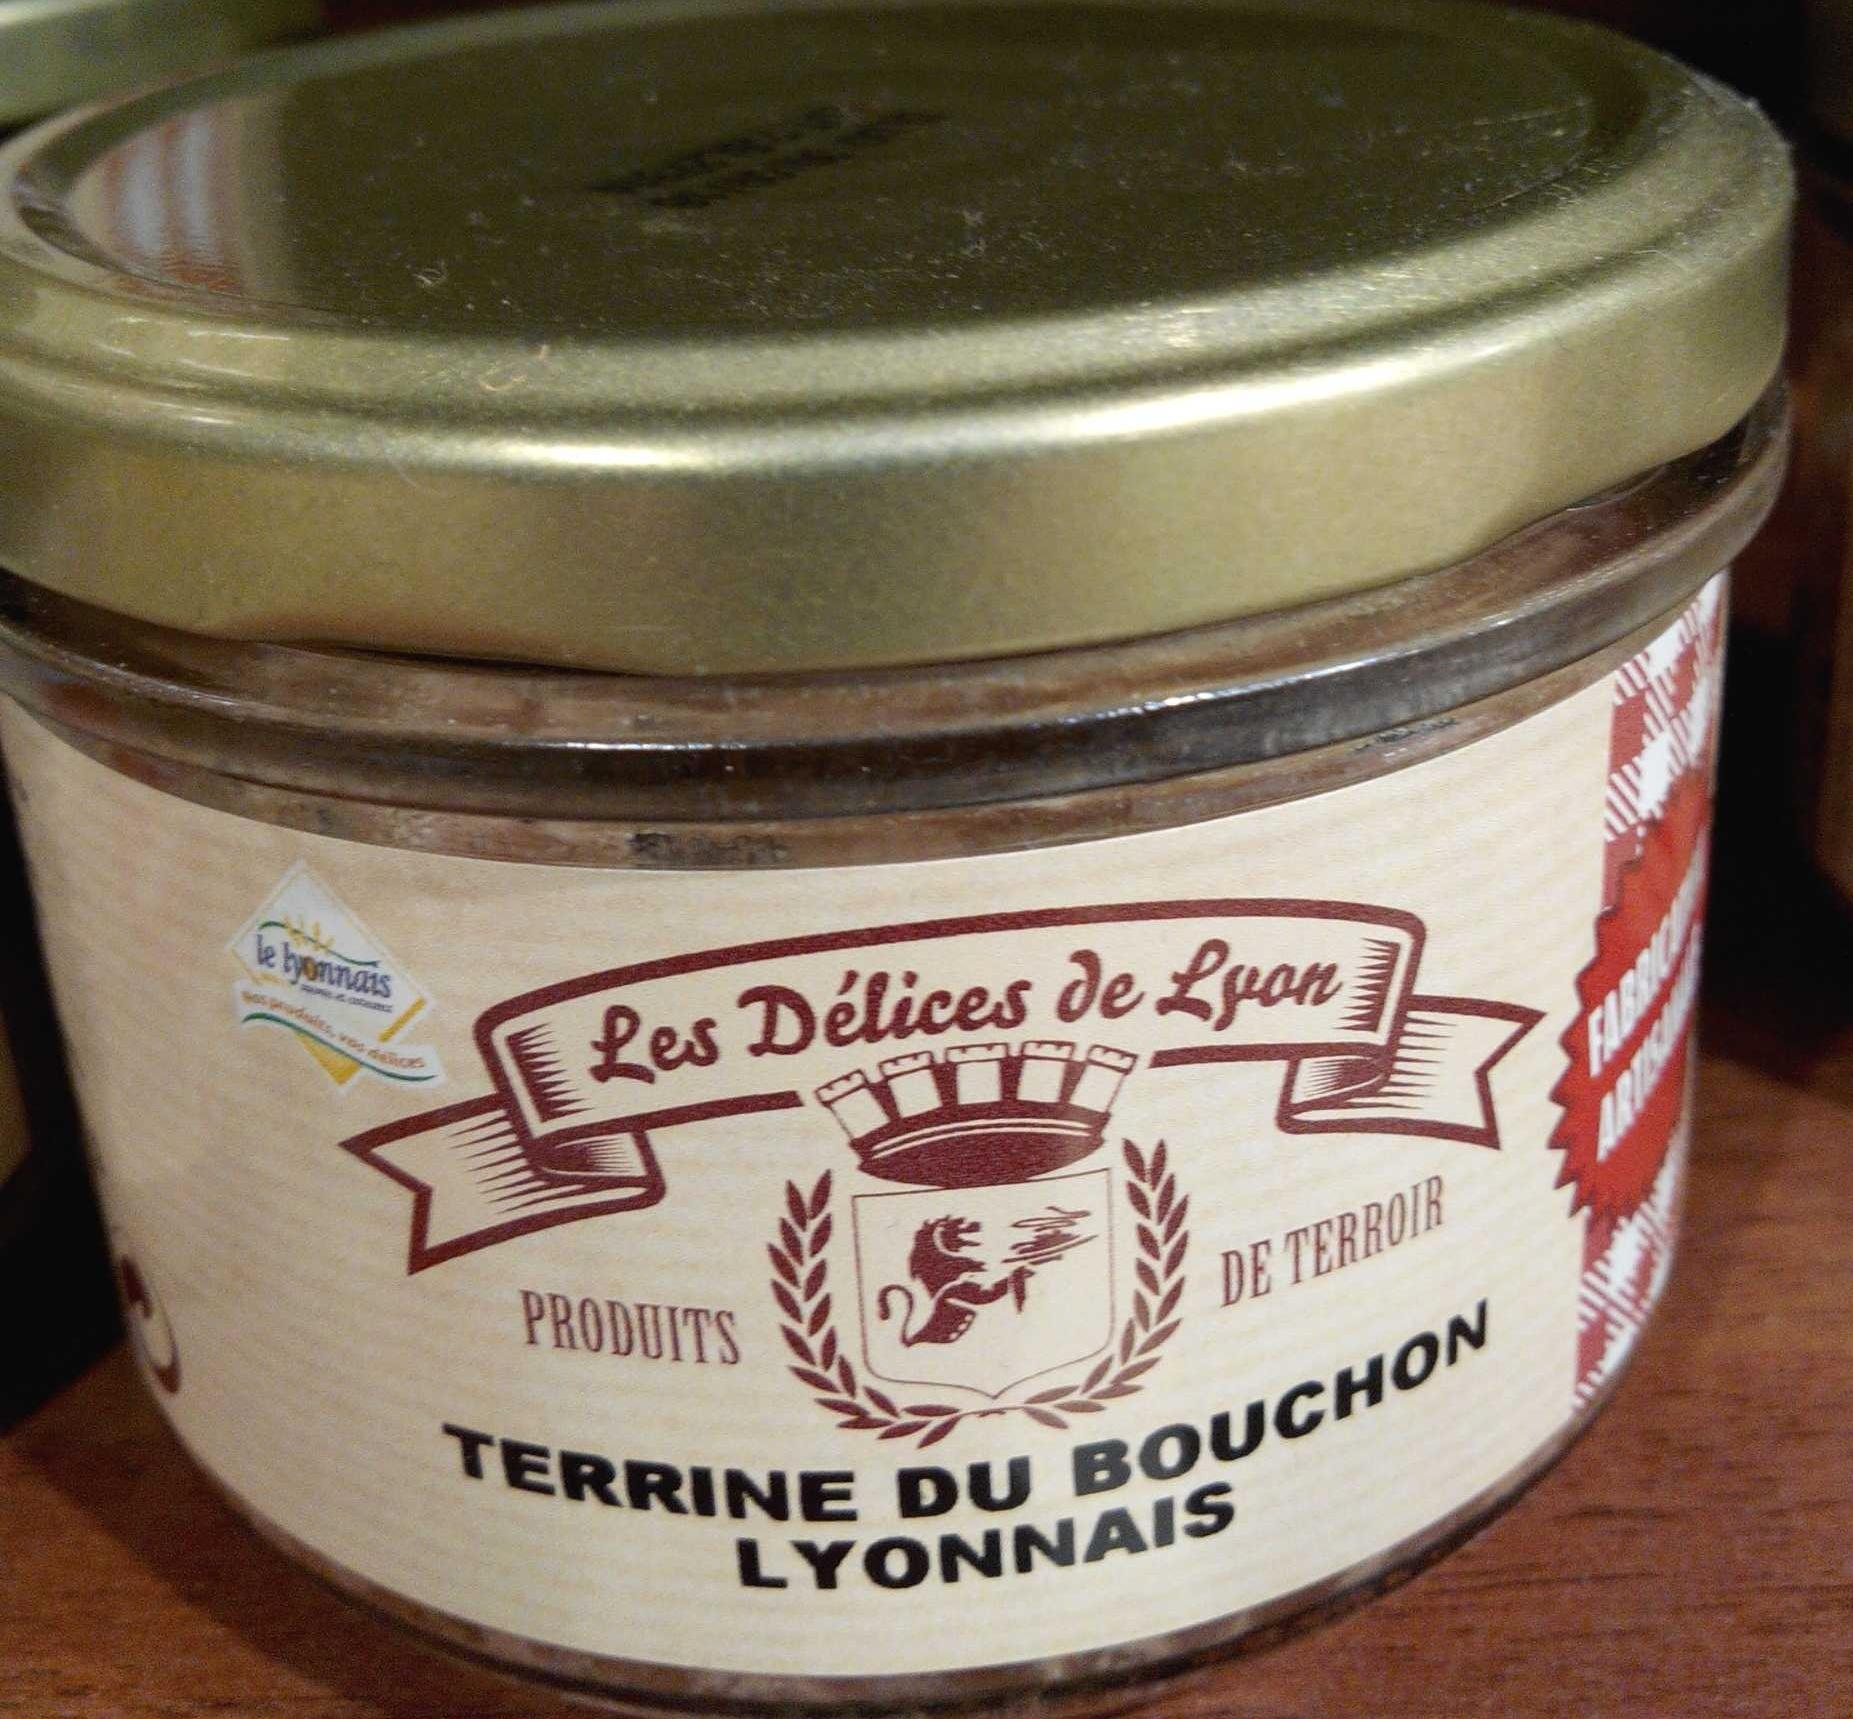 Terrine du bouchon lyonnais - Produit - fr